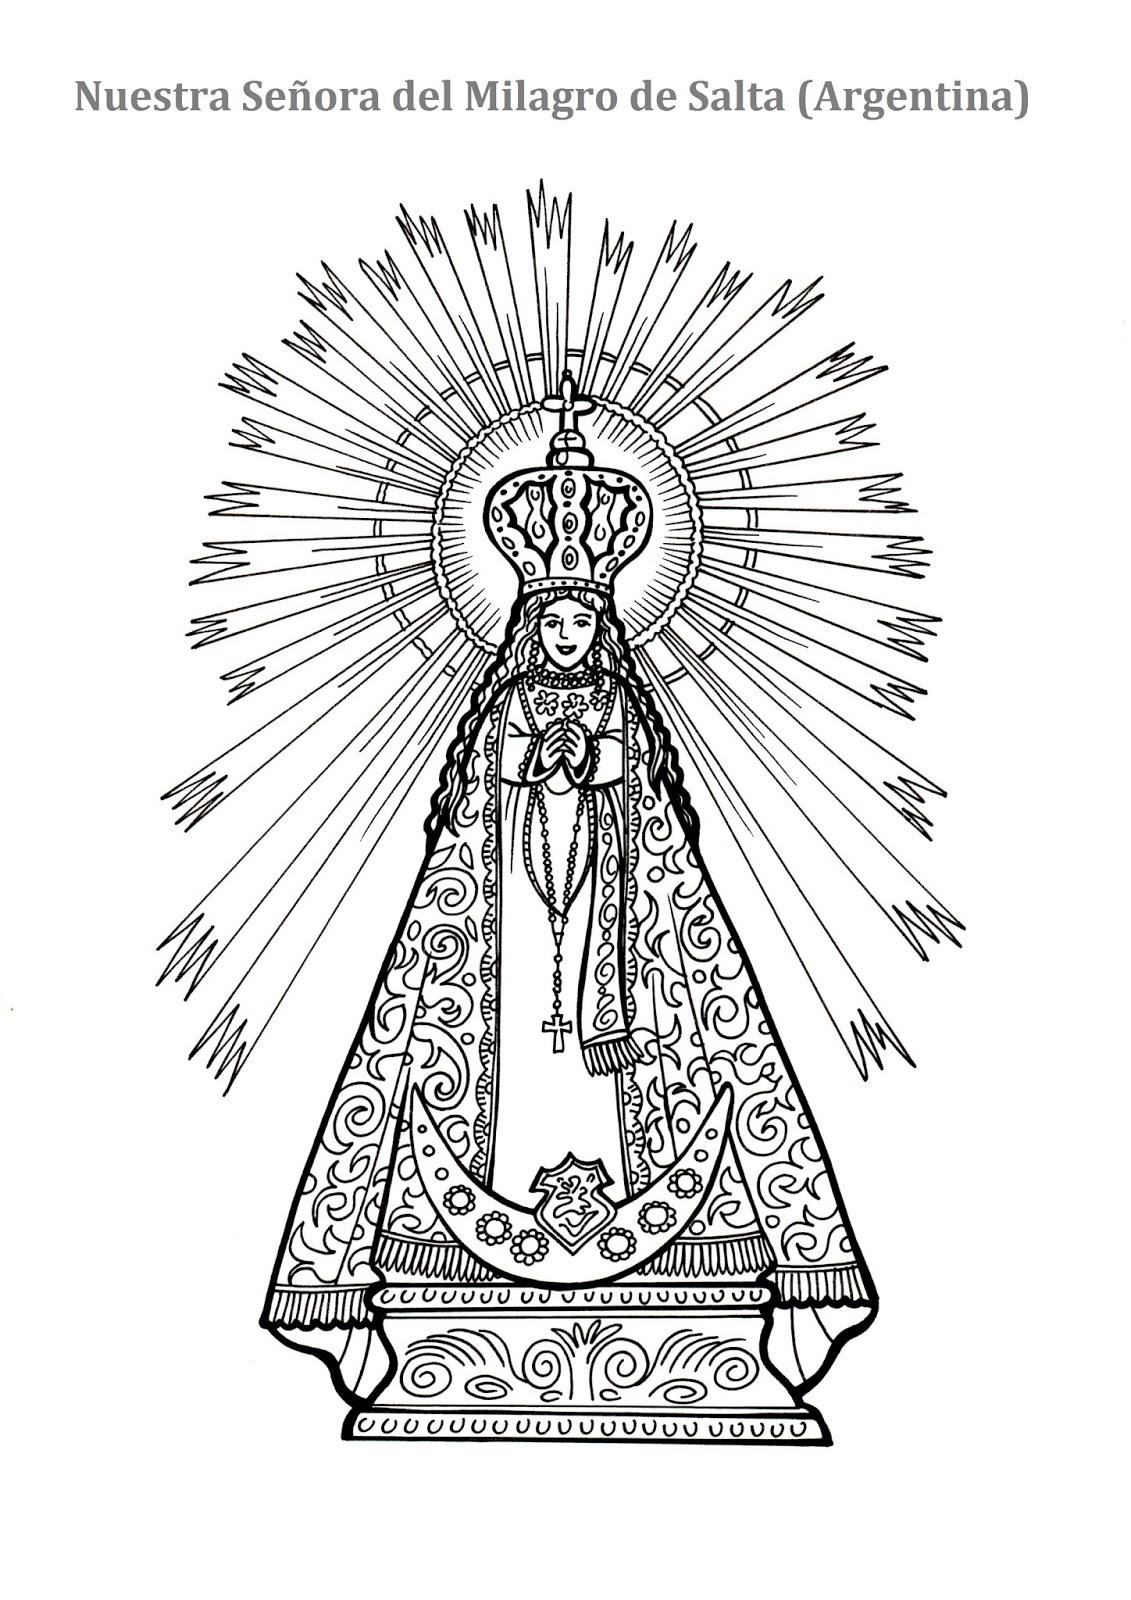 El Rincón de las Melli: DIBUJO: Nuestra Señora del Milagro ...